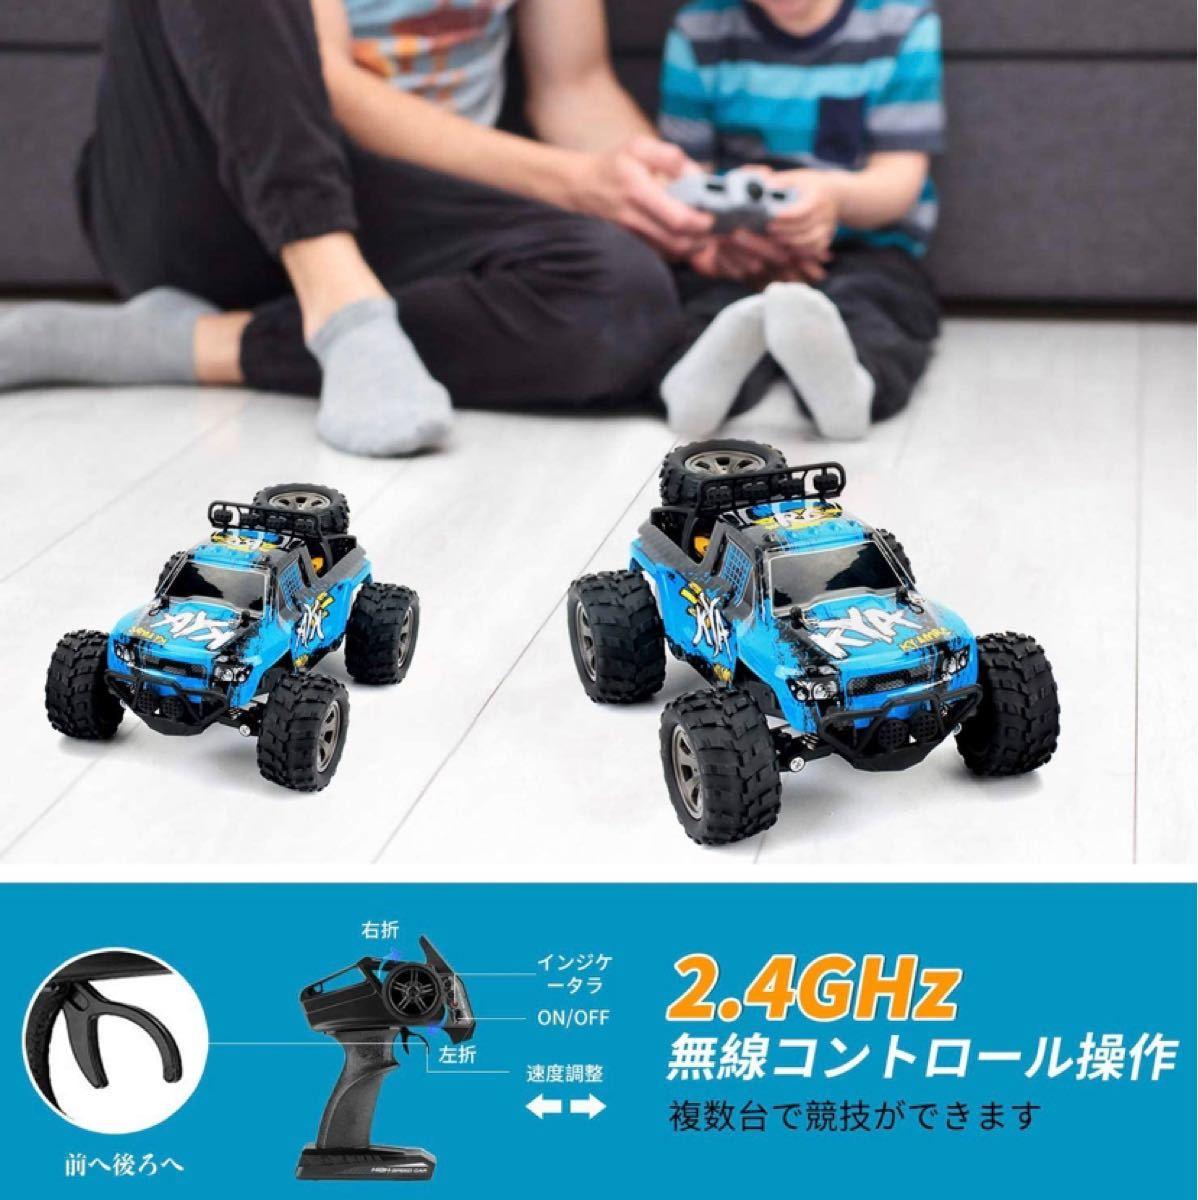 高性能 ラジコンカー リモコンカー オフロード バギー RCカー